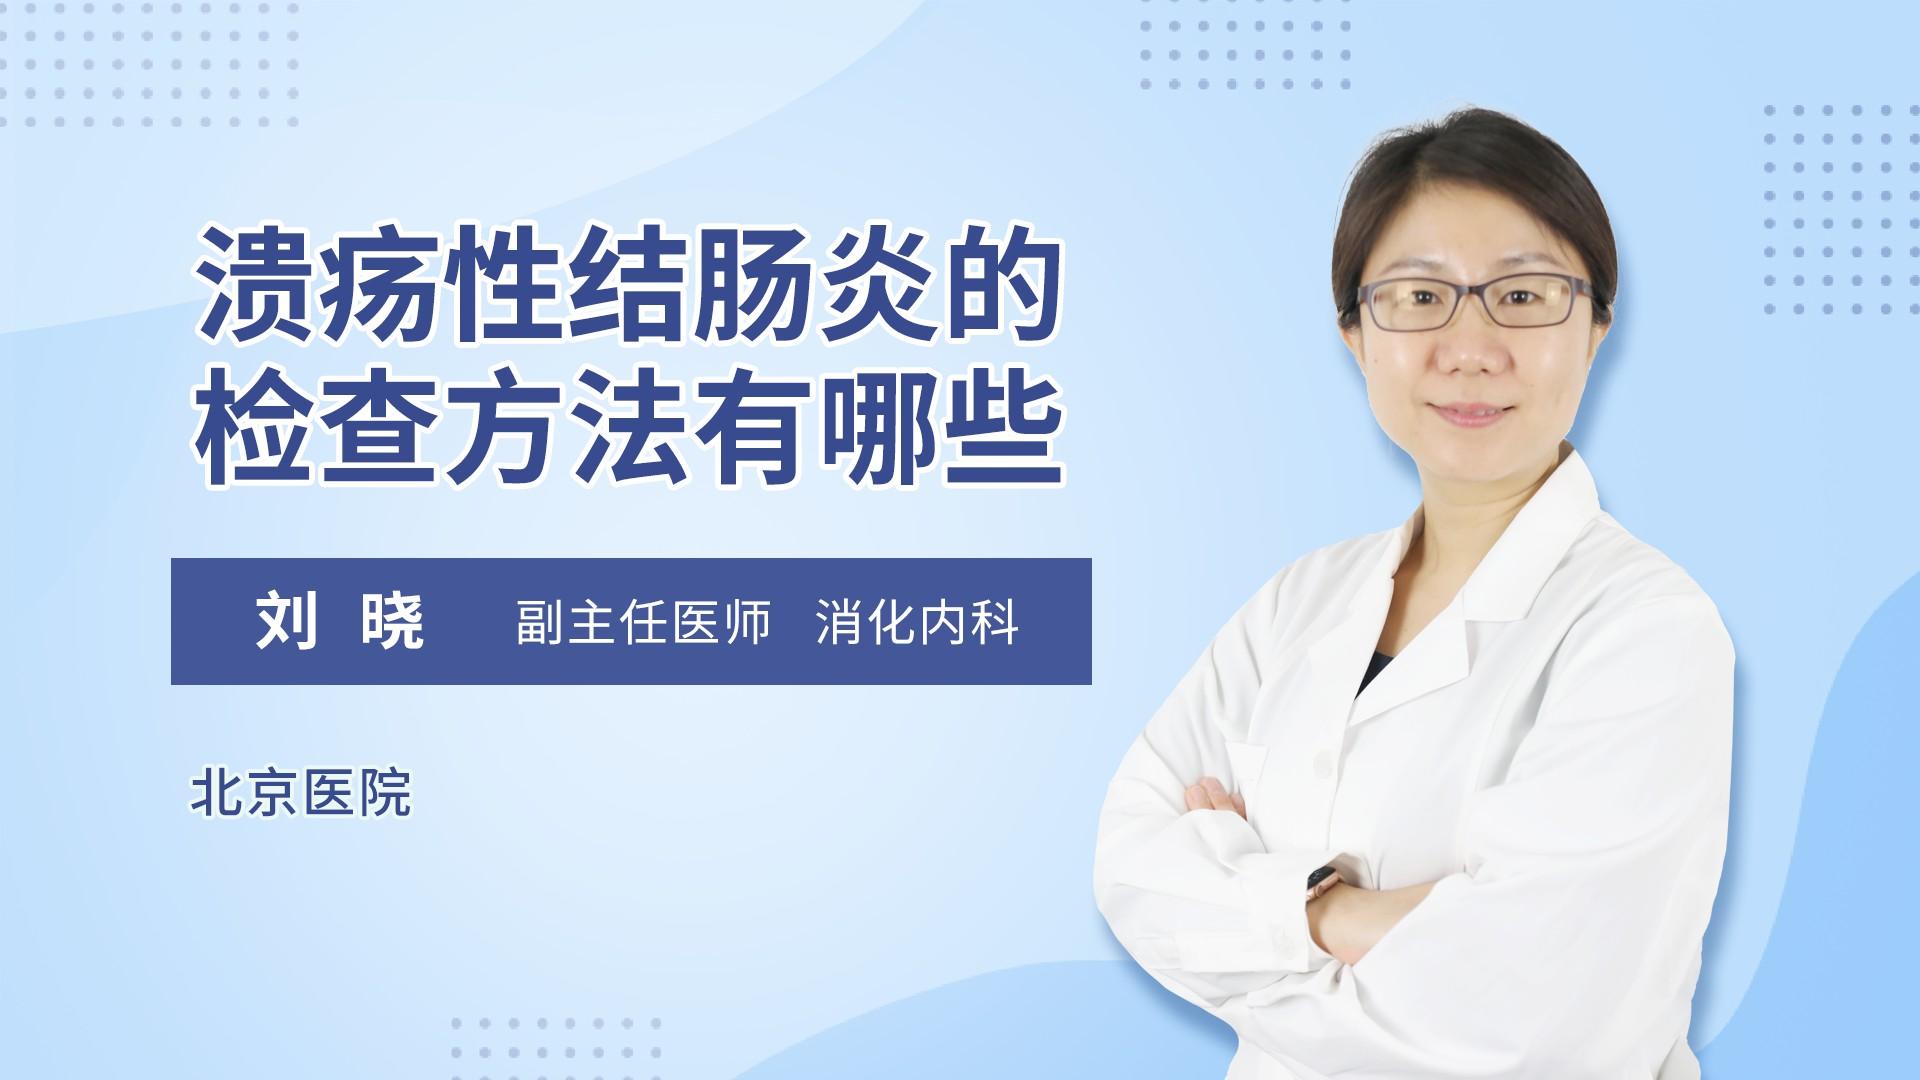 溃疡性结肠炎的检查方法有哪些